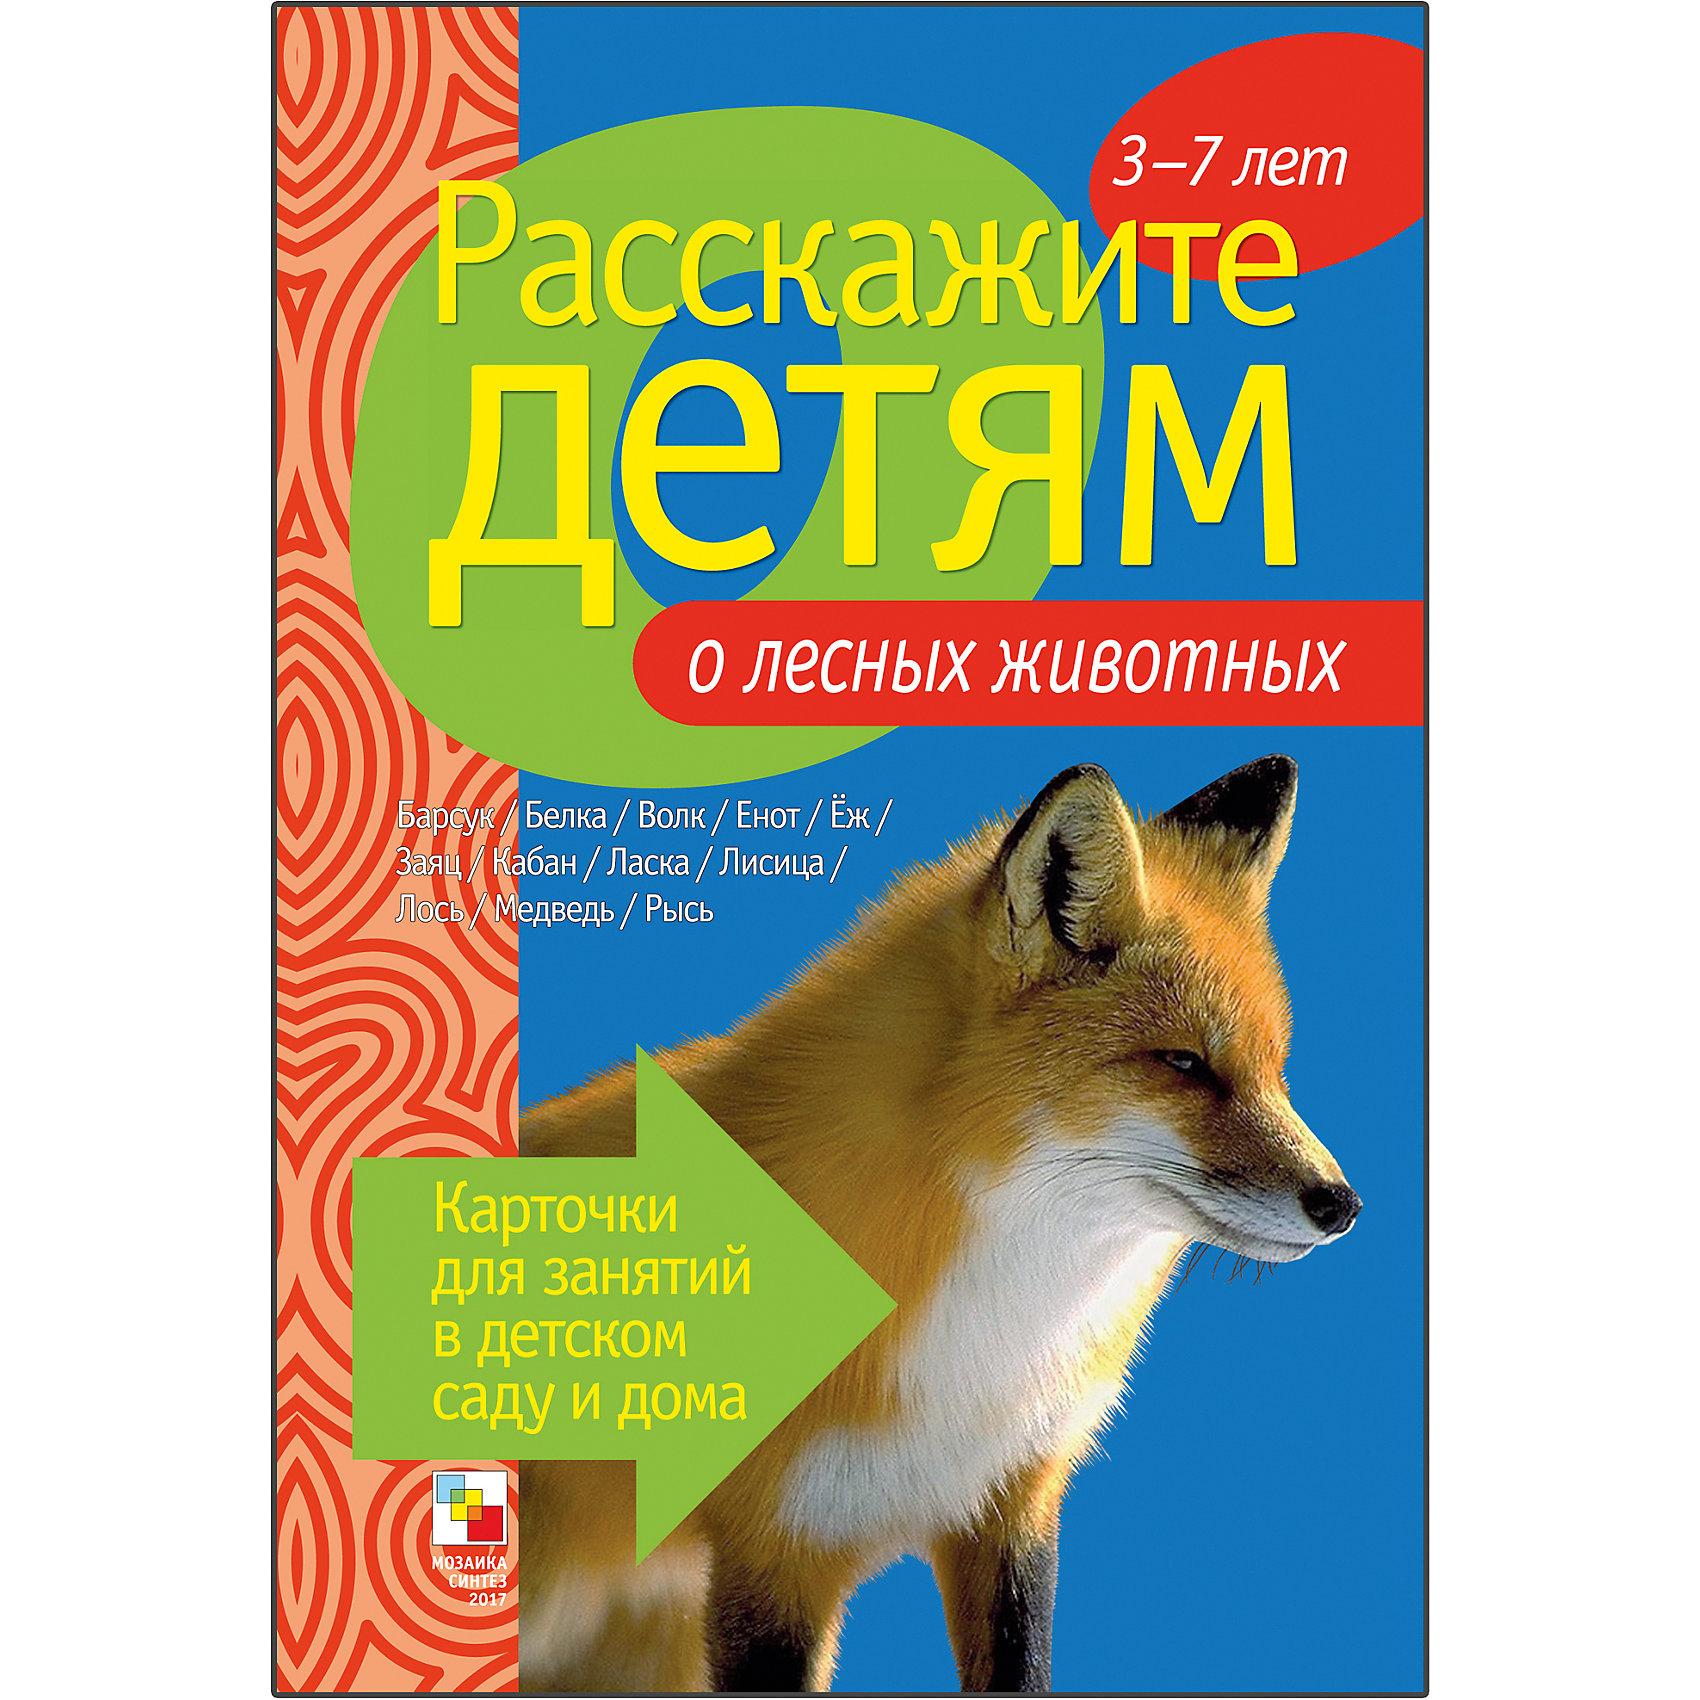 Карточки Расскажите детям о лесных животных, Мозаика-СинтезОбучающие карточки<br>Пособие Расскажите детям о лесных животных, Мозаика-Синтез.<br><br>Характеристики:<br><br>• Издательство: МОЗАИКА-СИНТЕЗ<br>• ISBN: 9785867758424<br>• Тип: папка с карточками, обложка твердая.<br>• Возраст: от 3-7 лет.<br>• Размер книги: 210х150х5 мм.<br>• Количество страниц: 12<br><br>Пособие с яркими четкими картинками поможет Вам рассказать малышам о лесных животных. Они узнают много нового и интересного о барсуках, белках, лисах, ласках, медведях и о многих других. На оборотной стороне карточек содержатся необходимые сведения о них. Эта информация поможет сделать ваш рассказ увлекательным и познавательным для каждого малыша.<br><br>Пособие Расскажите детям о лесных животных, Мозаика-Синтез, можно купить в нашем интернет – магазине.<br><br>Ширина мм: 5<br>Глубина мм: 150<br>Высота мм: 210<br>Вес г: 83<br>Возраст от месяцев: 36<br>Возраст до месяцев: 84<br>Пол: Унисекс<br>Возраст: Детский<br>SKU: 5428918